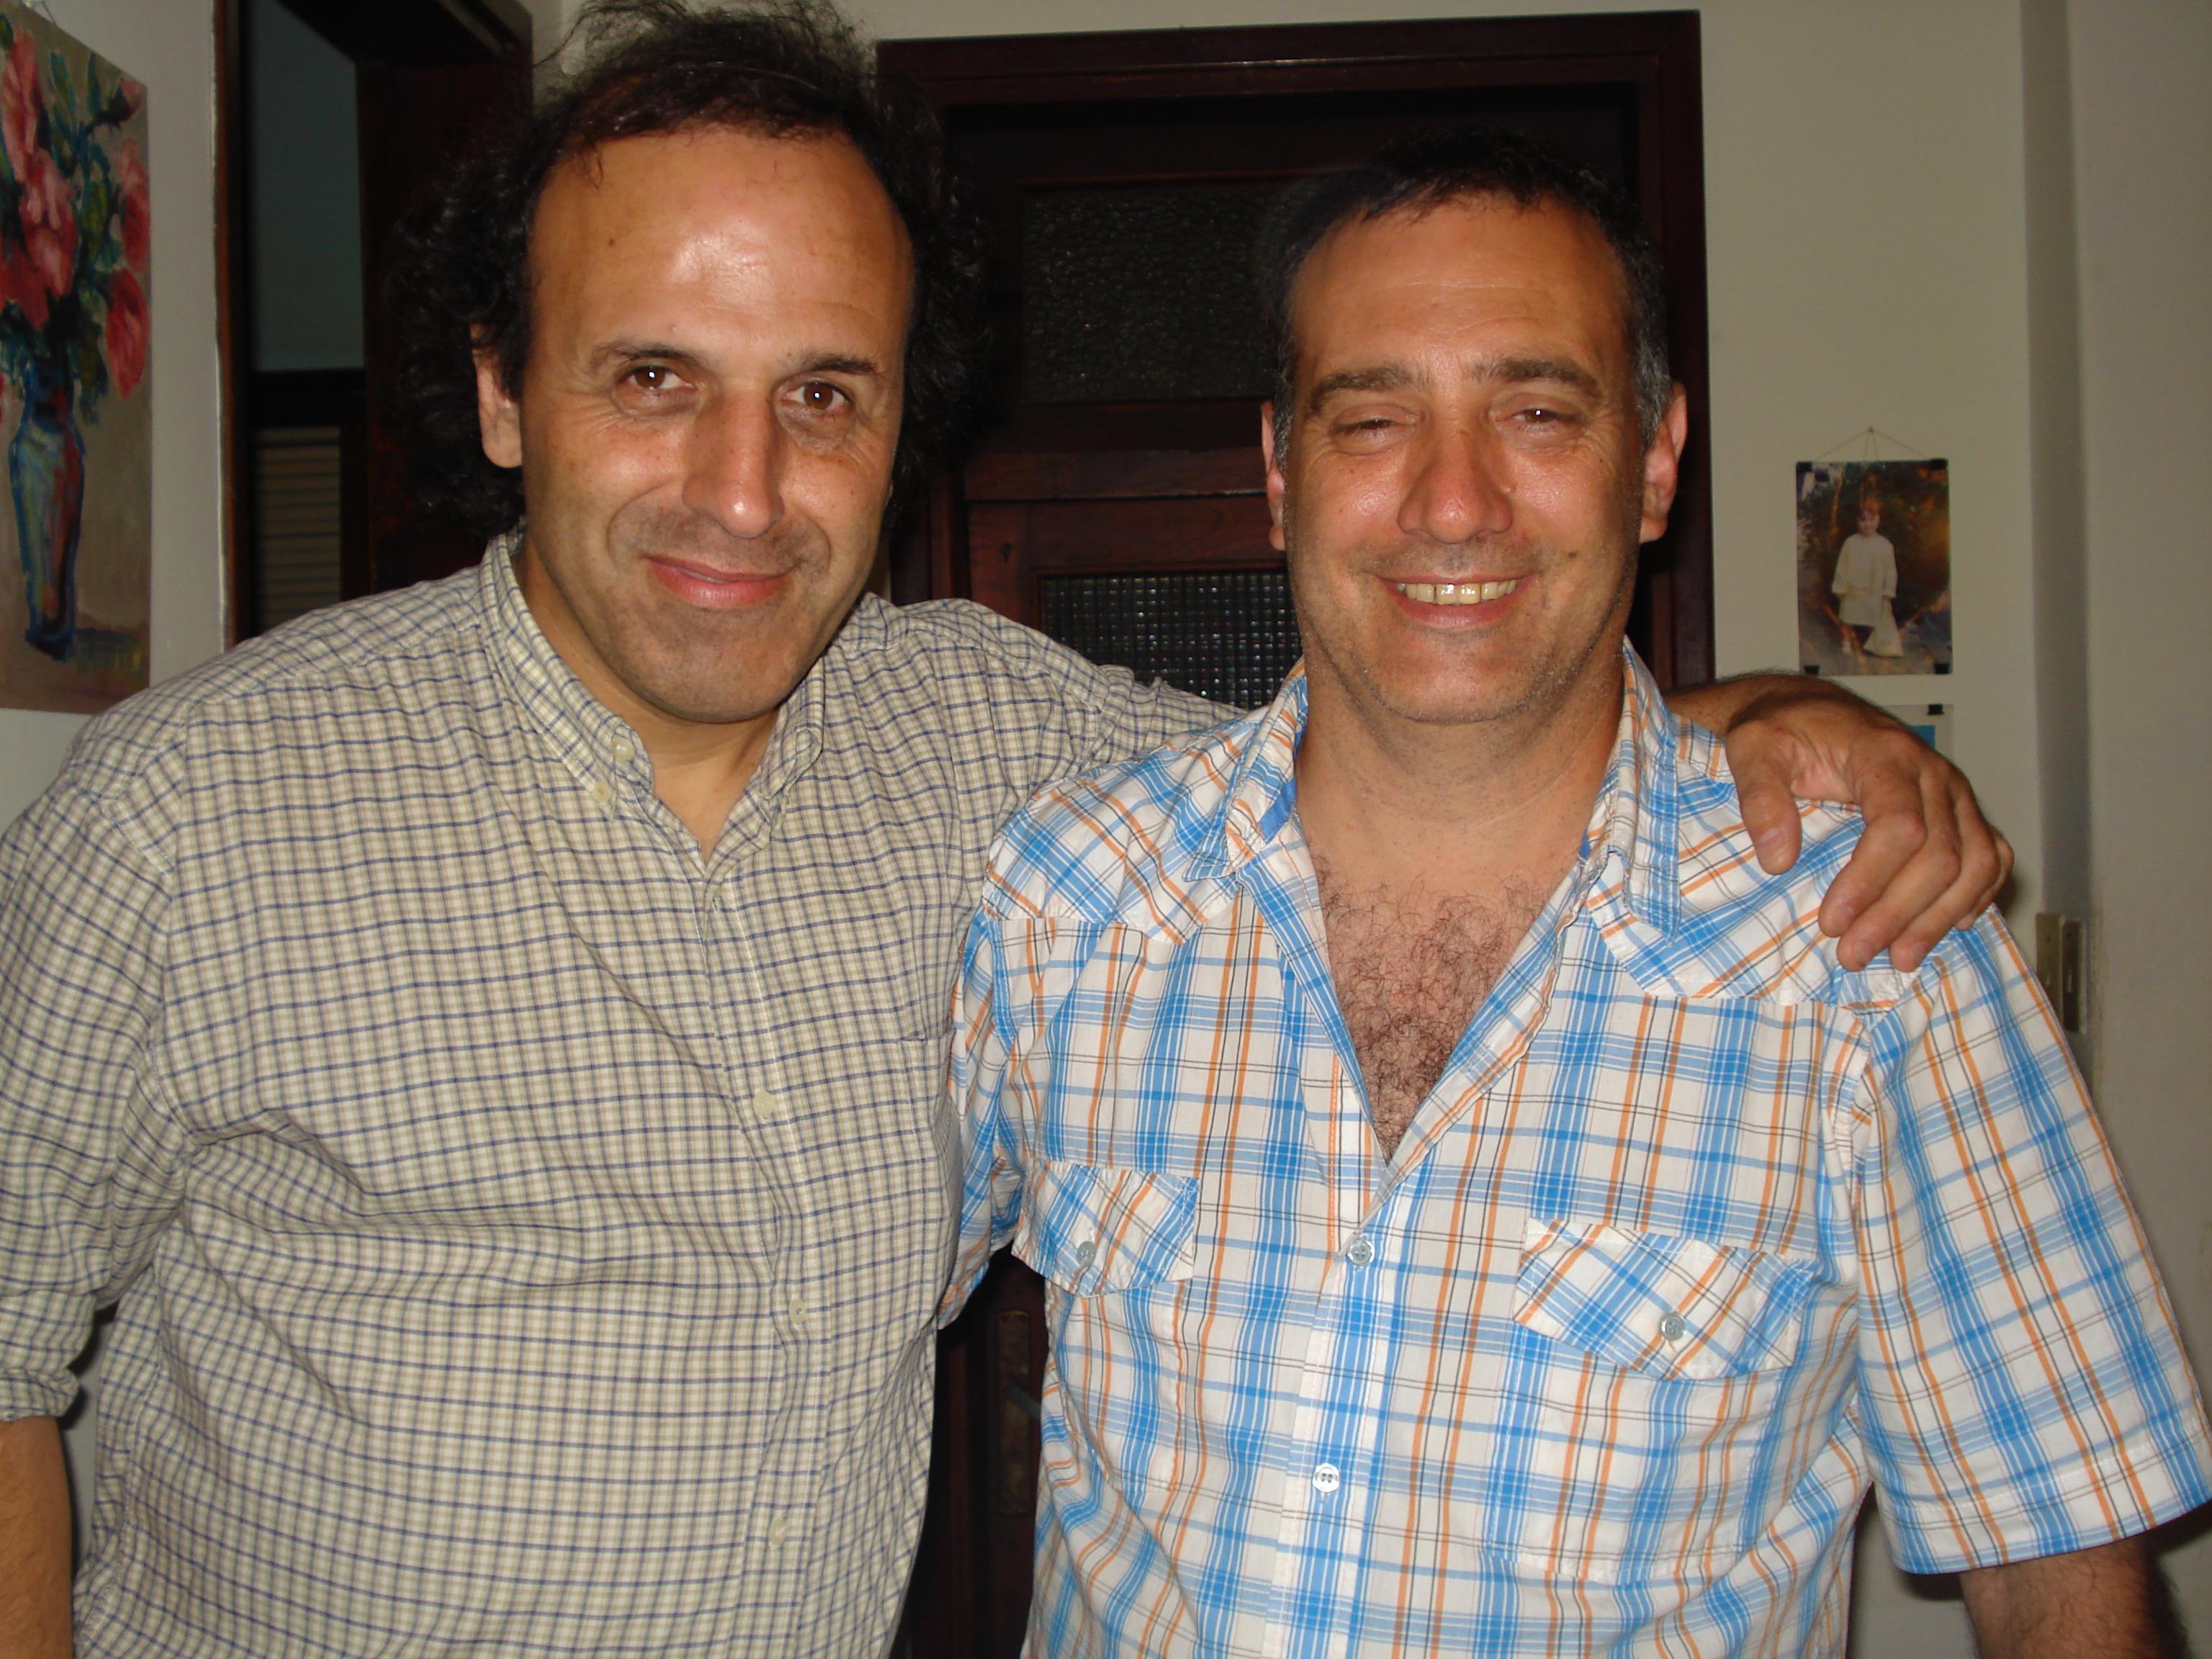 Daniel Erosa visita a otro racinguista recién llegado